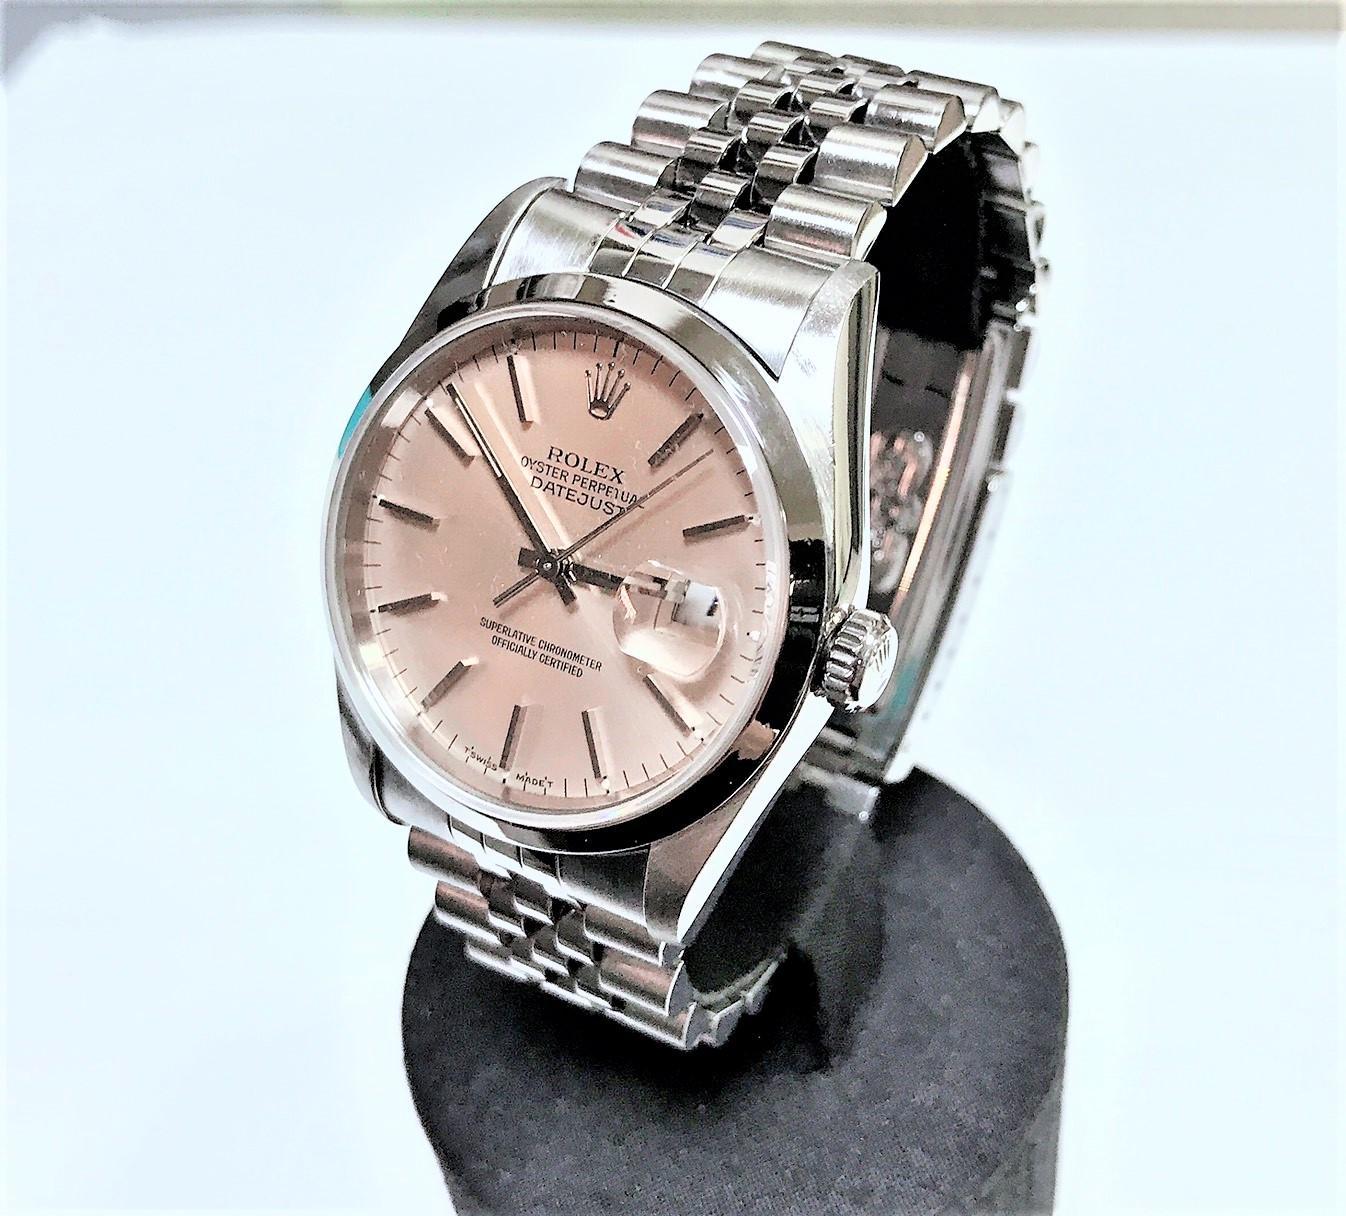 ROLEX 勞力士 DATEJUST 16200 蠔式不鏽鋼自動腕錶 36mm n0771